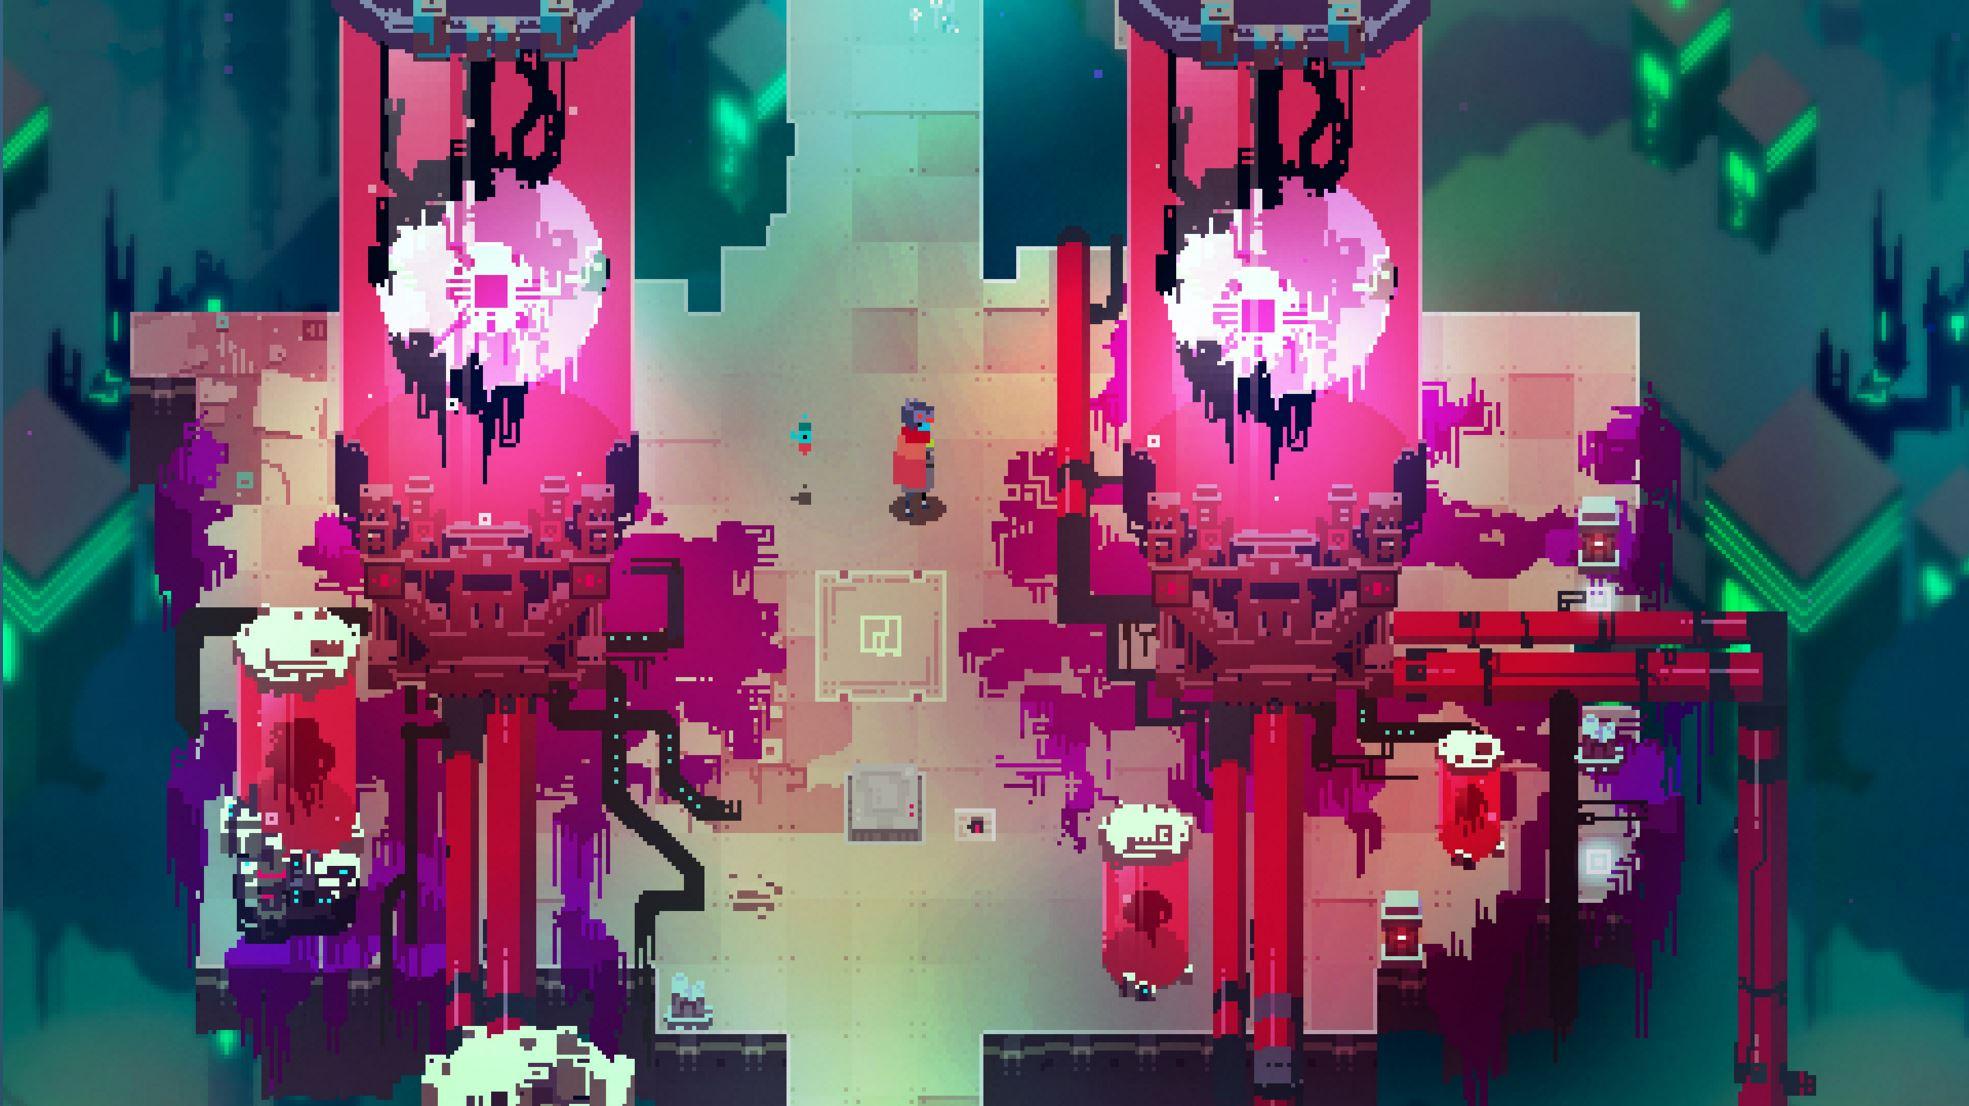 hyper light drifter indie game art design